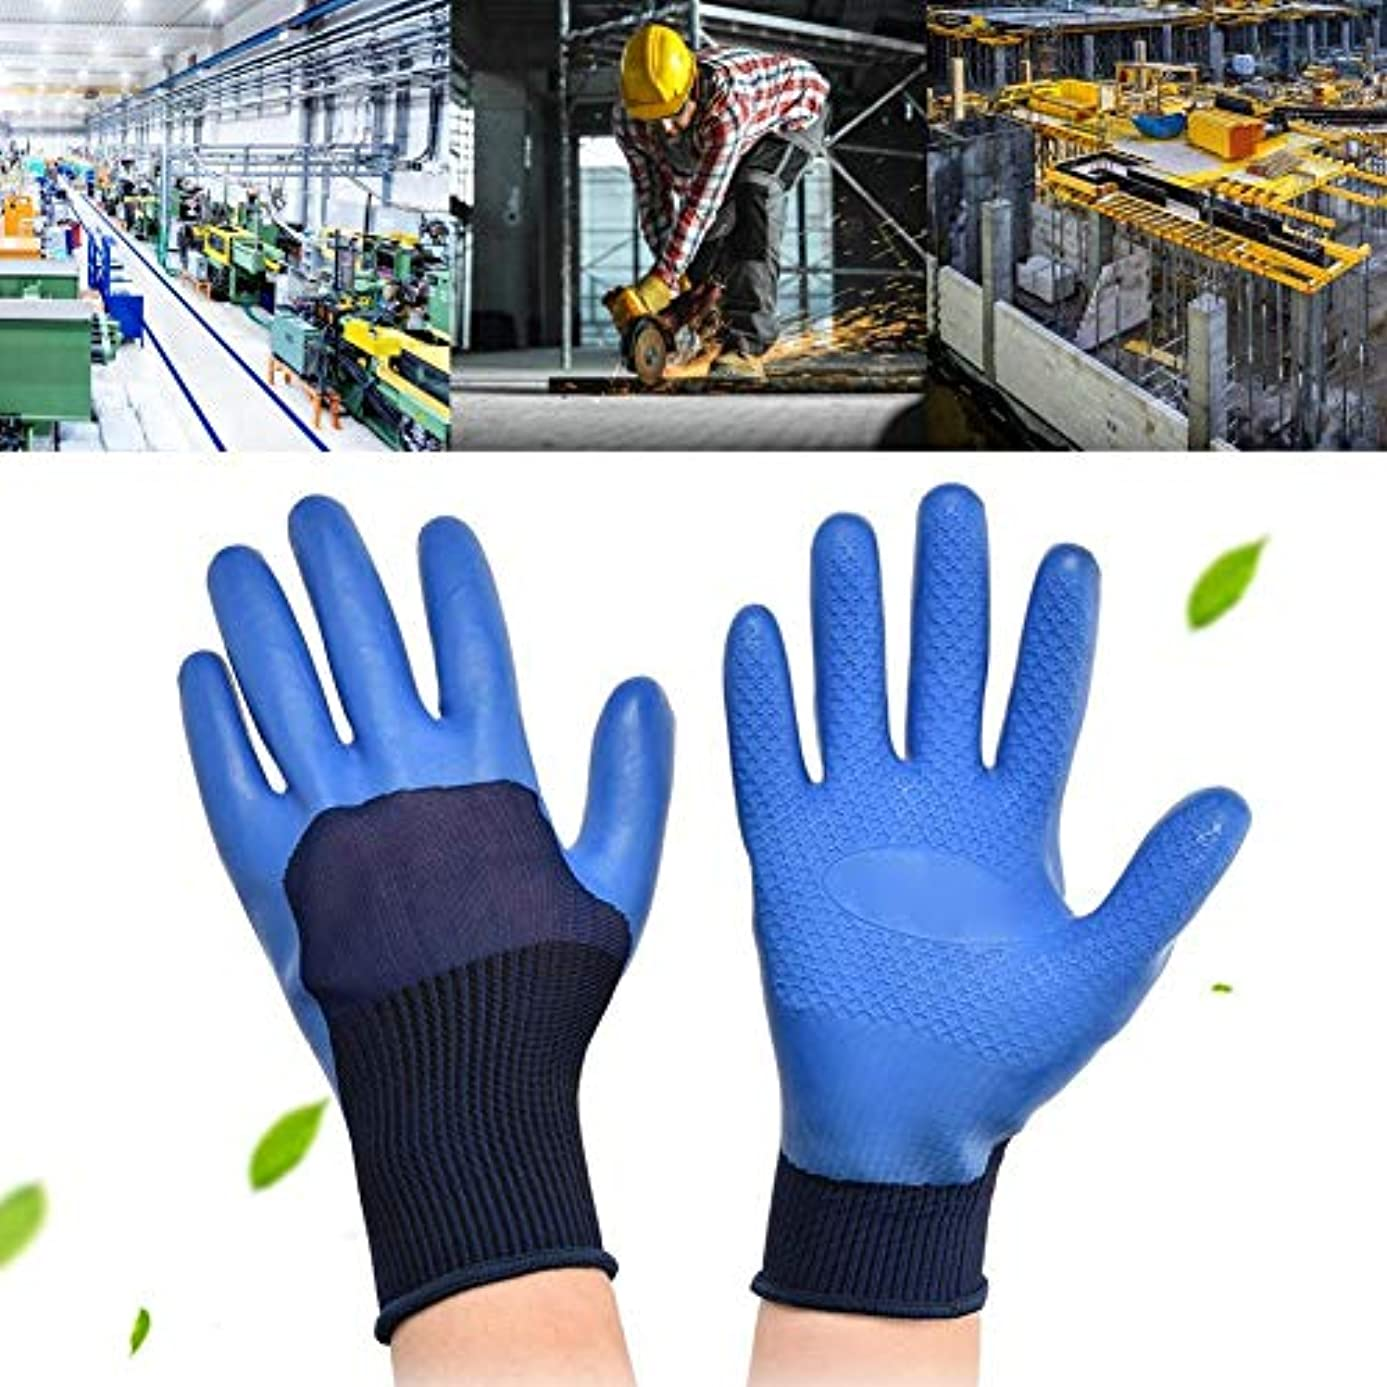 床を掃除する服を洗う使用法作業用手袋、滑り止めラテックス労働保護手袋、耐摩耗性防水安全手袋, 滑り止めラテックス労働保護作業用手袋の耐摩耗性防水安全手袋